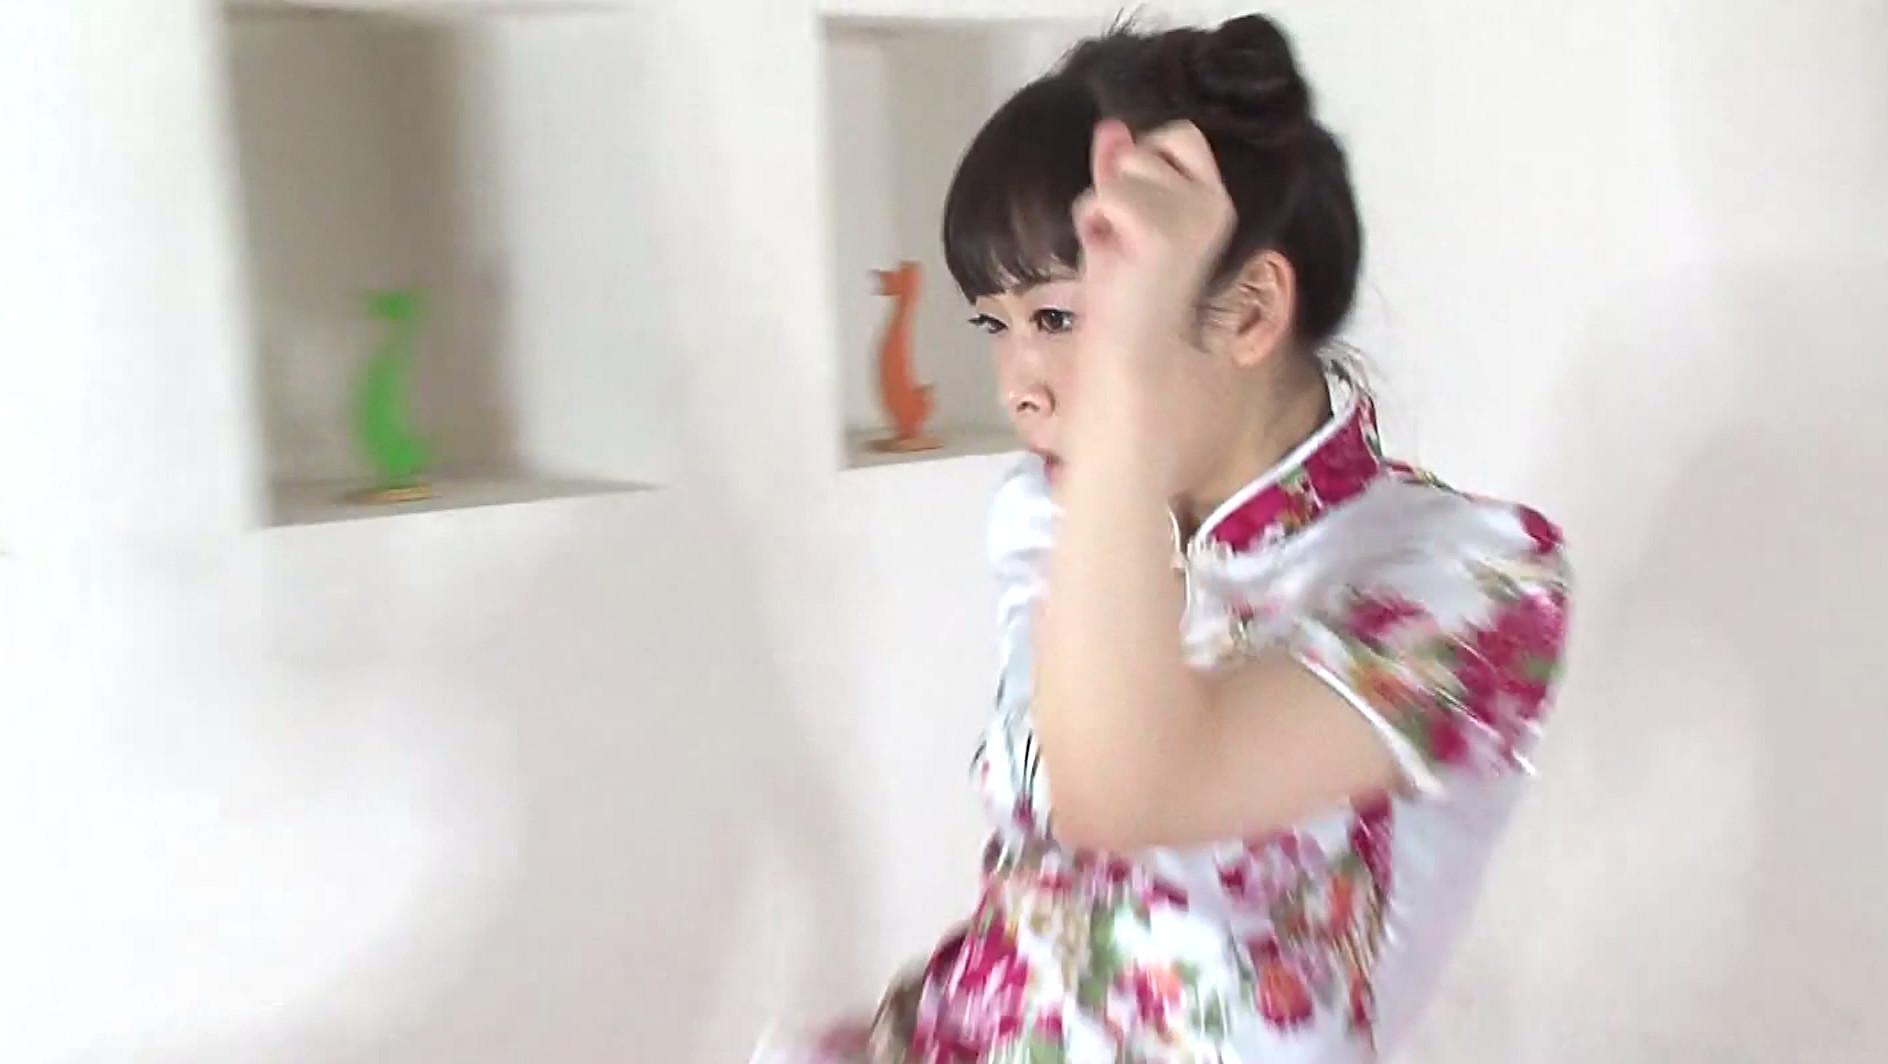 原美織が気功で発情しまくって鬼イキオナニー!超ミニスカのチャイナドレスが最高 画像10